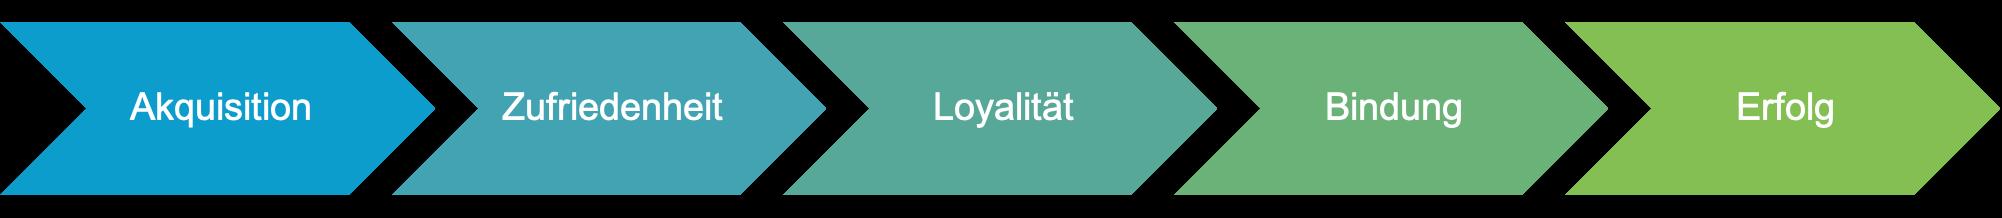 Wirkungskette Kundenbindung: Akquisition - Kundenzufriedenheit - Loyalität - Bindung - Erfolg